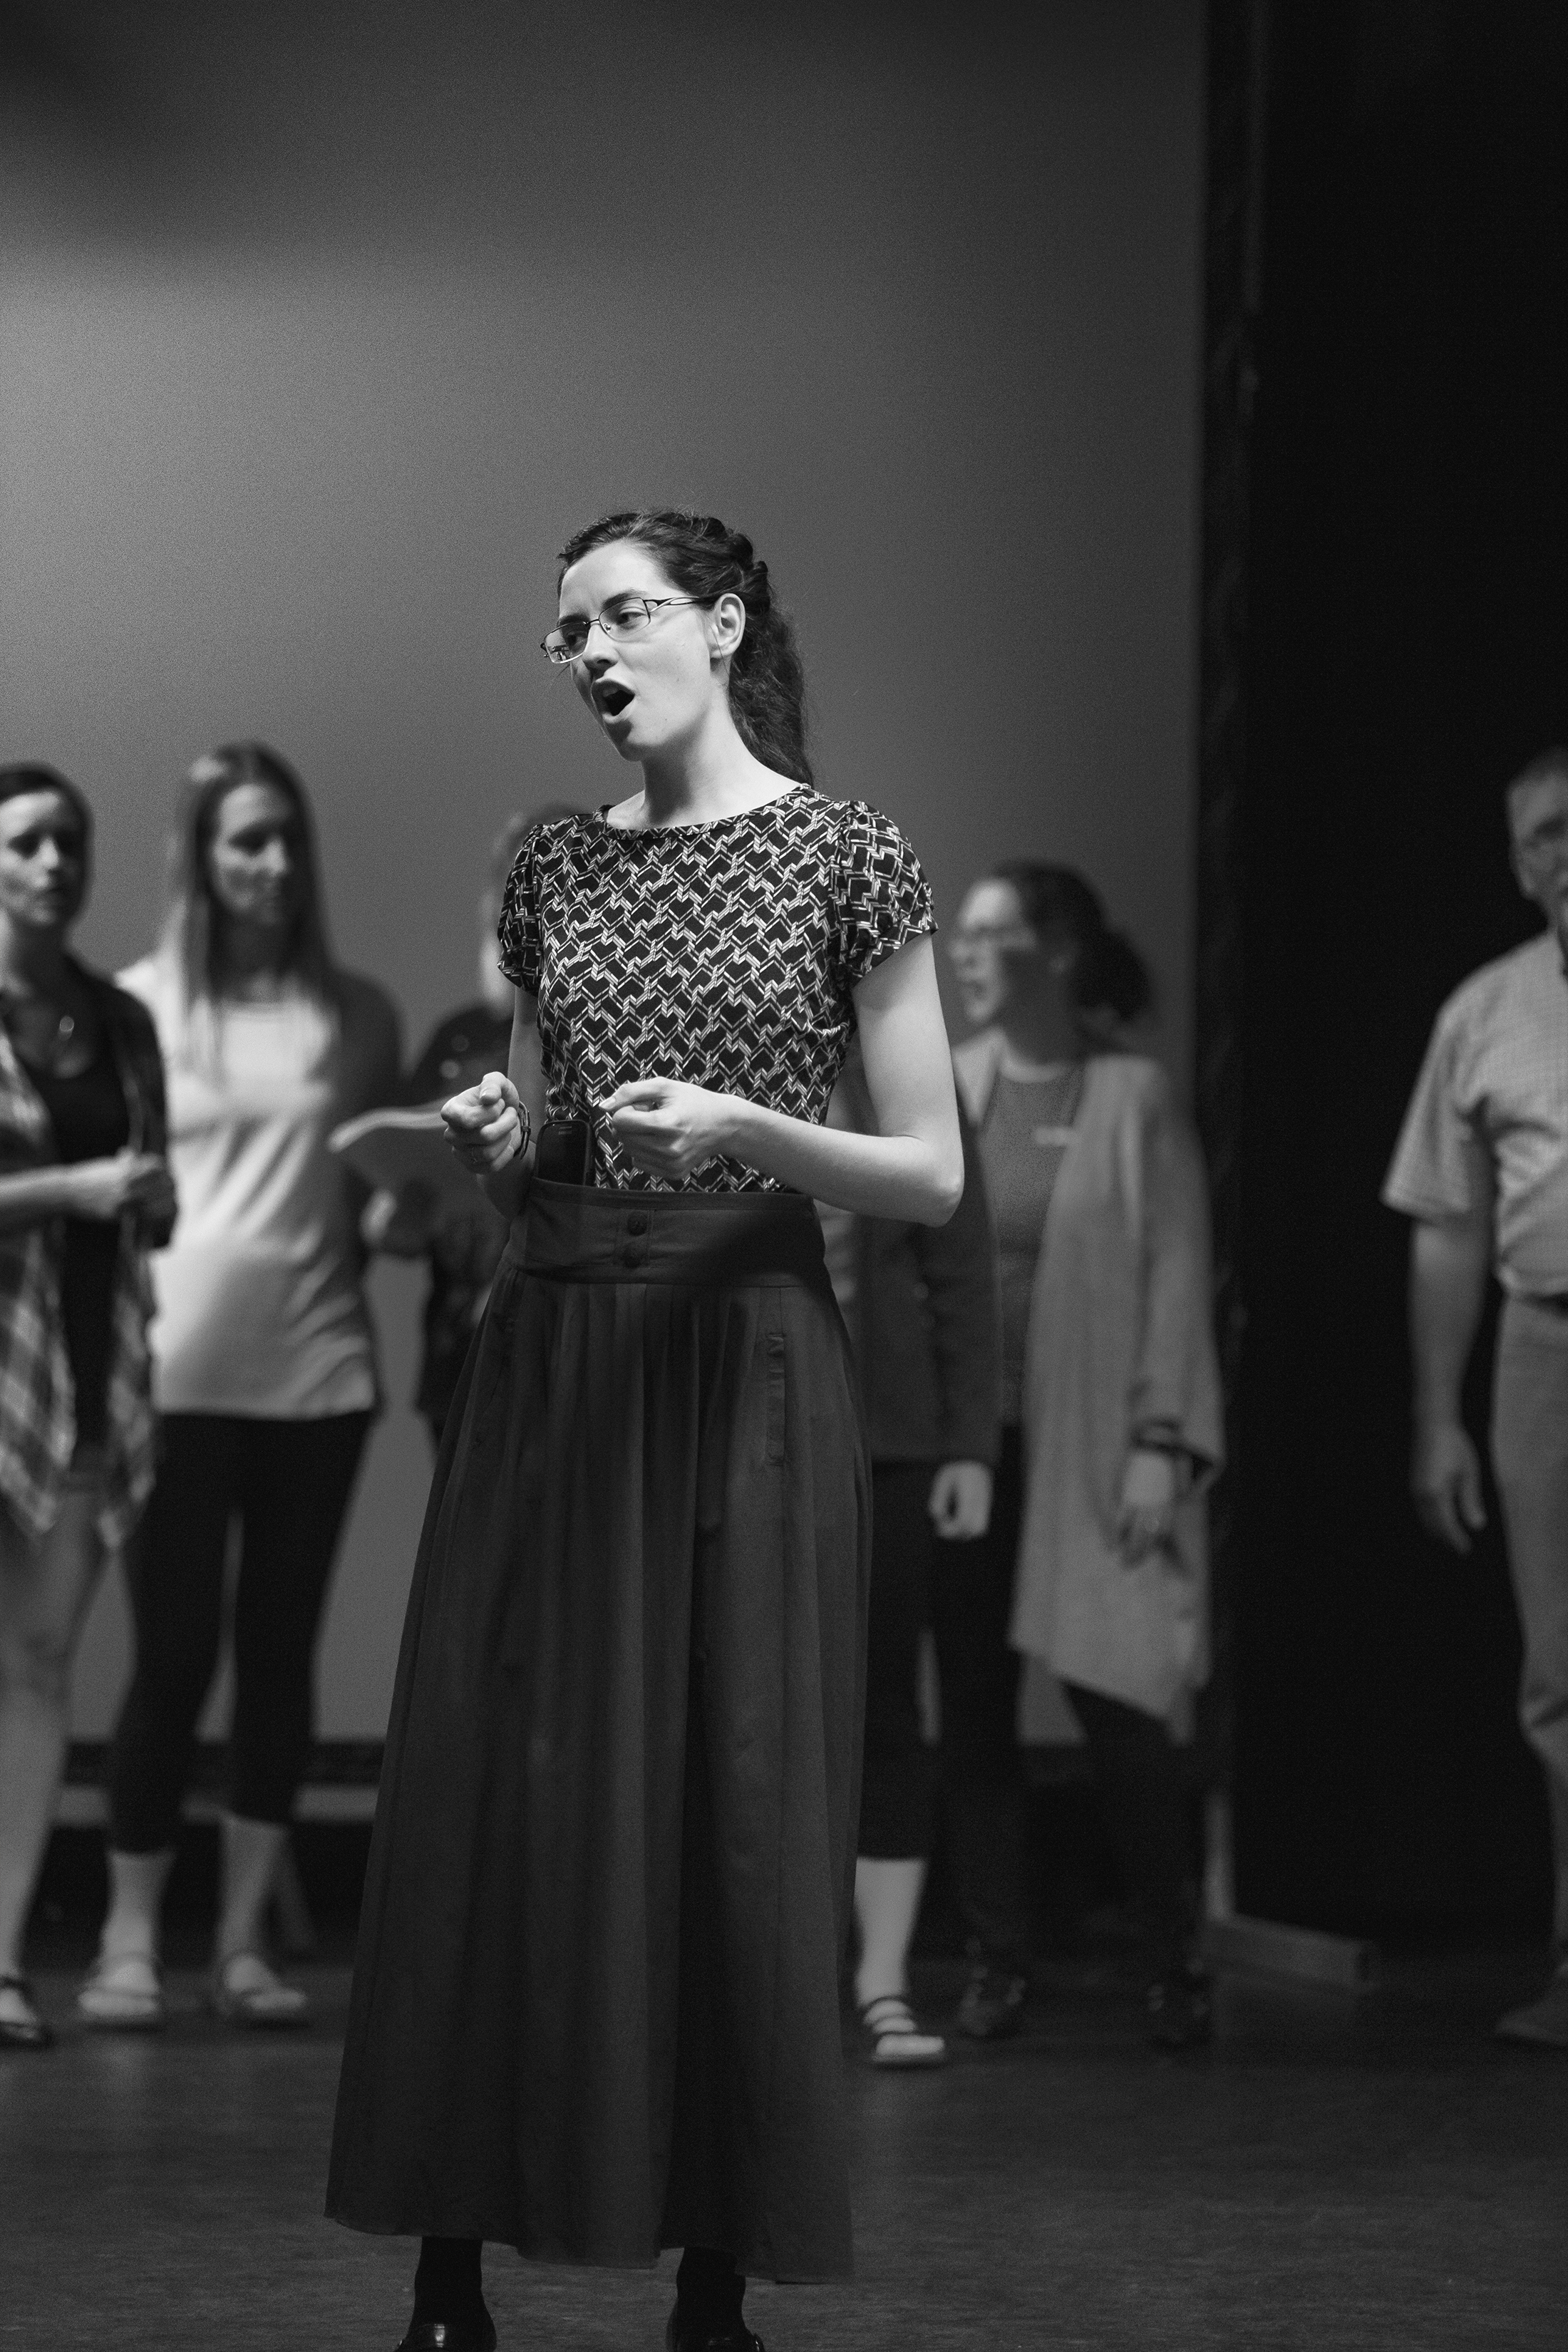 Mary Poppins - Streetlight Theatre Company - Rehearsal Shoot #1 - 20 Sep '18 - 025 (B&W).jpg